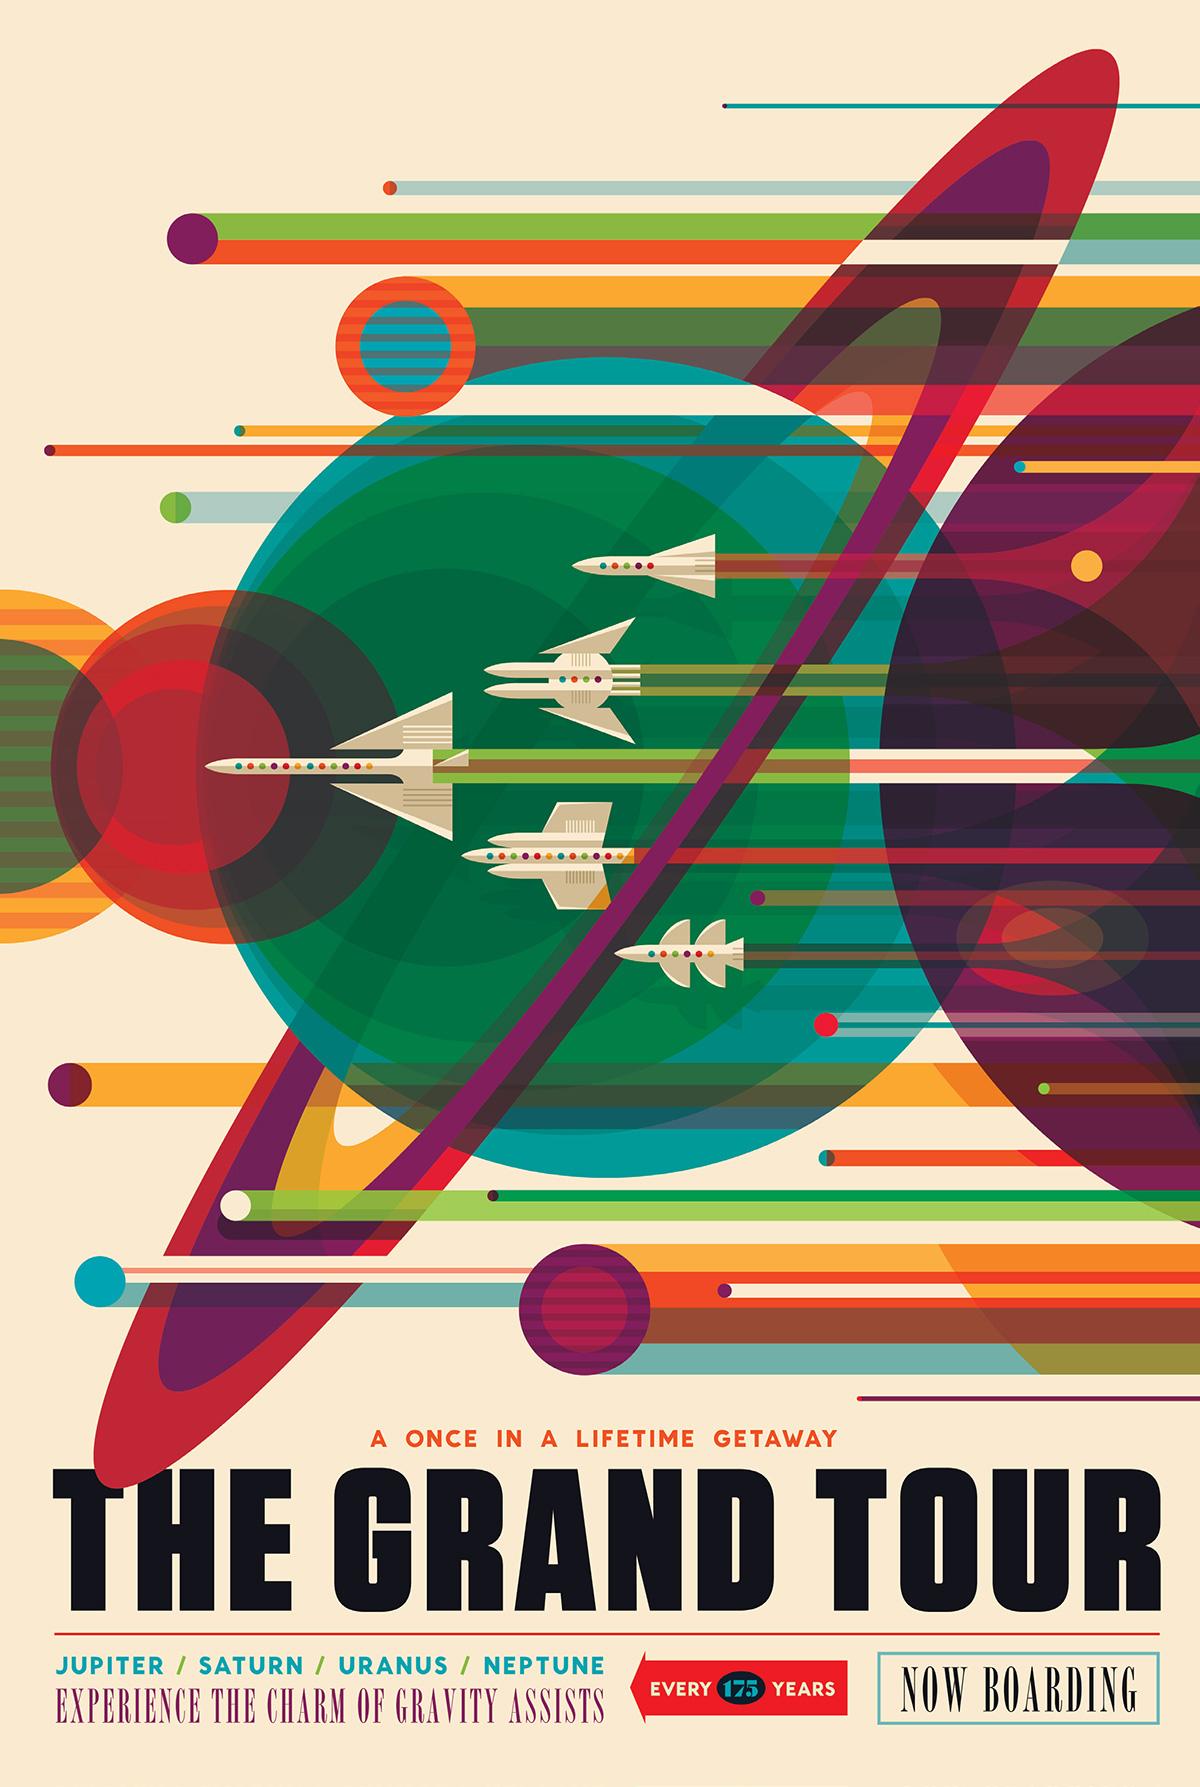 SISTEMA SOLARE, IN LUNGO E IN LARGO.Per giovani curiosi e rampolli della borghesia ottocentesca si raccomanda il Gran Tour Voyager: un viaggio ai confini della conoscenza. La vostra vita non sarà più quella di prima. Lancio imperdibile: l'allineamento si verifica ogni 175 anni e complice il filotto di fionde gravitazionali potrete raccogliere immagini mozzafiato da Giove a Saturno, fino a Urano e Nettuno. Il viaggio fra una tappa e l'altra, bisogna ammettere, è un po' lunghetto. Portatevi qualcosa da leggere. Crediti: NASA